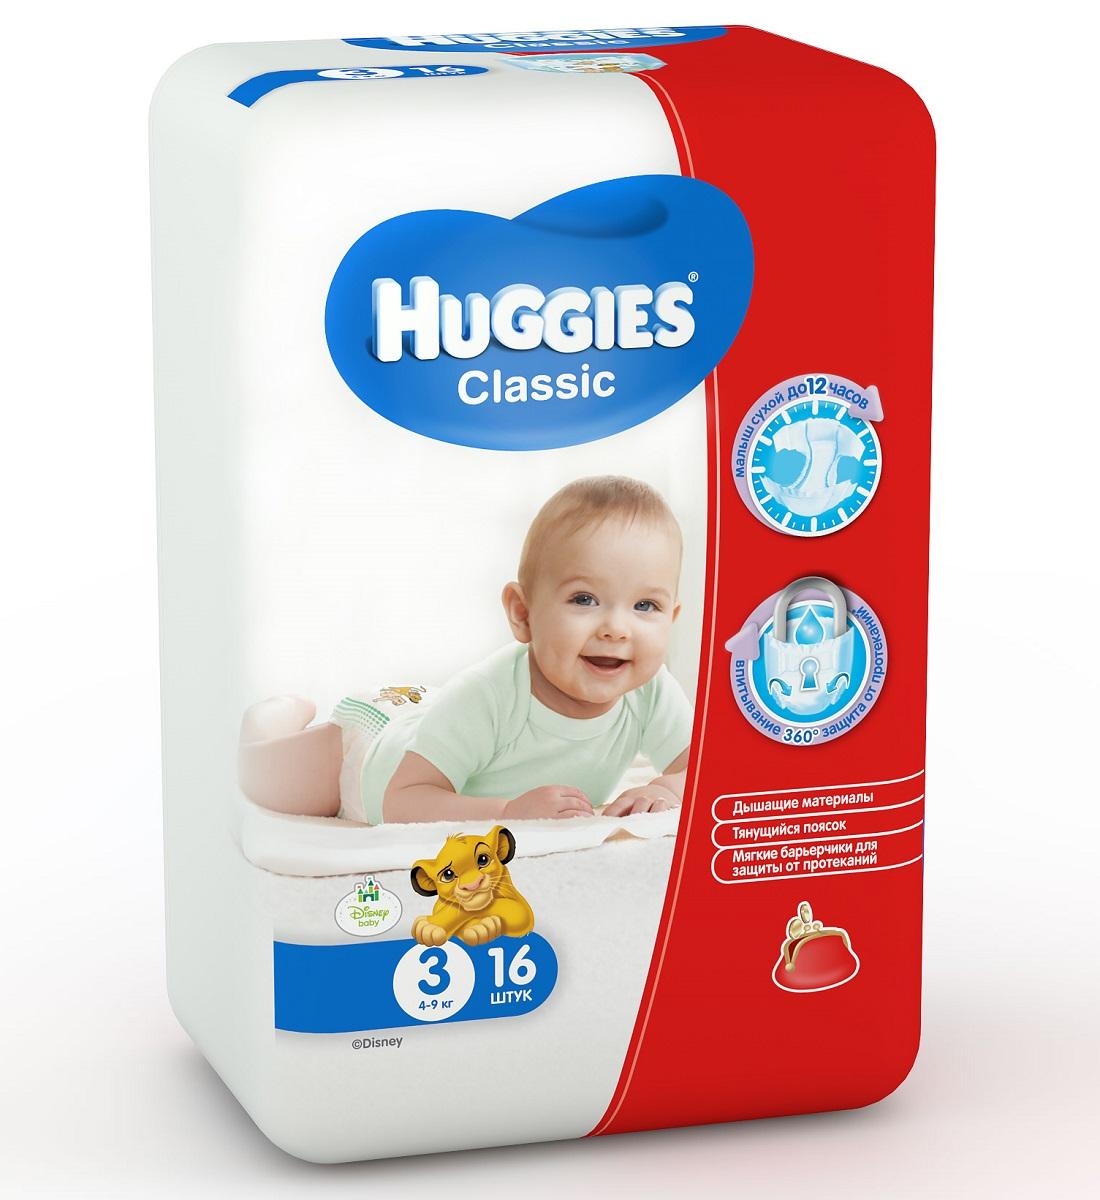 Huggies Classic Подгузники 3 4-9 кг 16 шт9401031Вместе с подгузниками Huggies Classic с мягкой дышащей поверхностью, вы можете быть уверены в сухости кожи своего малыша. У подгузников Huggies Classic есть улучшенная распределяющая салфетка, которая быстро впитывает при любом положении малыша, равномерно распределяя жидкость, что препятствует образованию комков внутри подгузника и обеспечивает великолепную сухость и защиту кожи малыша. Мягкие барьерчики, предотвращают протекания вокруг ножек малыша. Тянущийся поясок, защитит малыша от протекания по спинке.